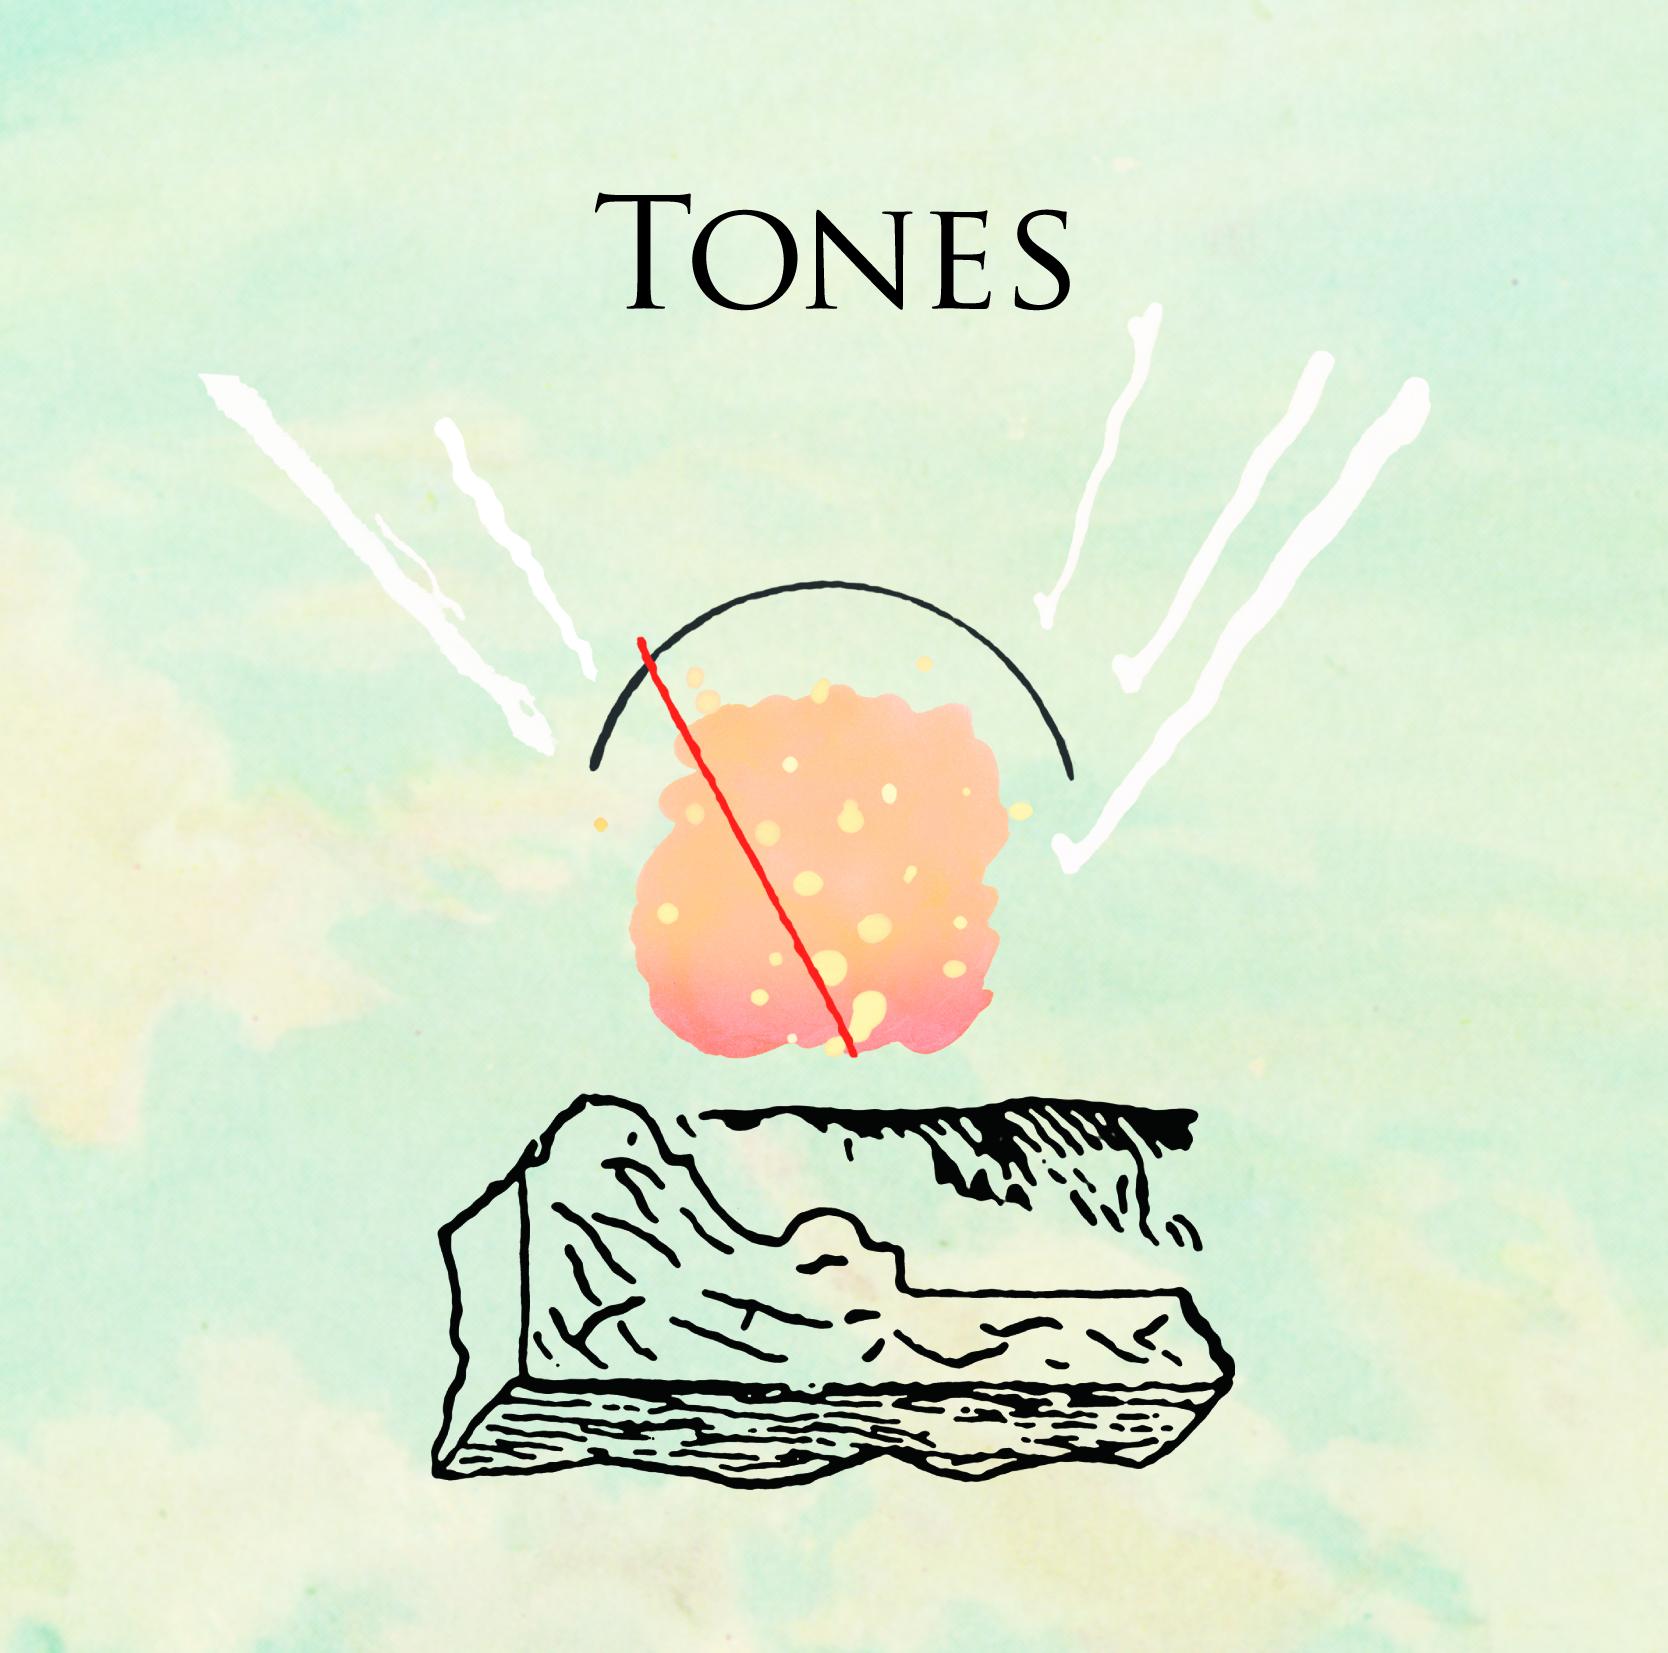 - Tones